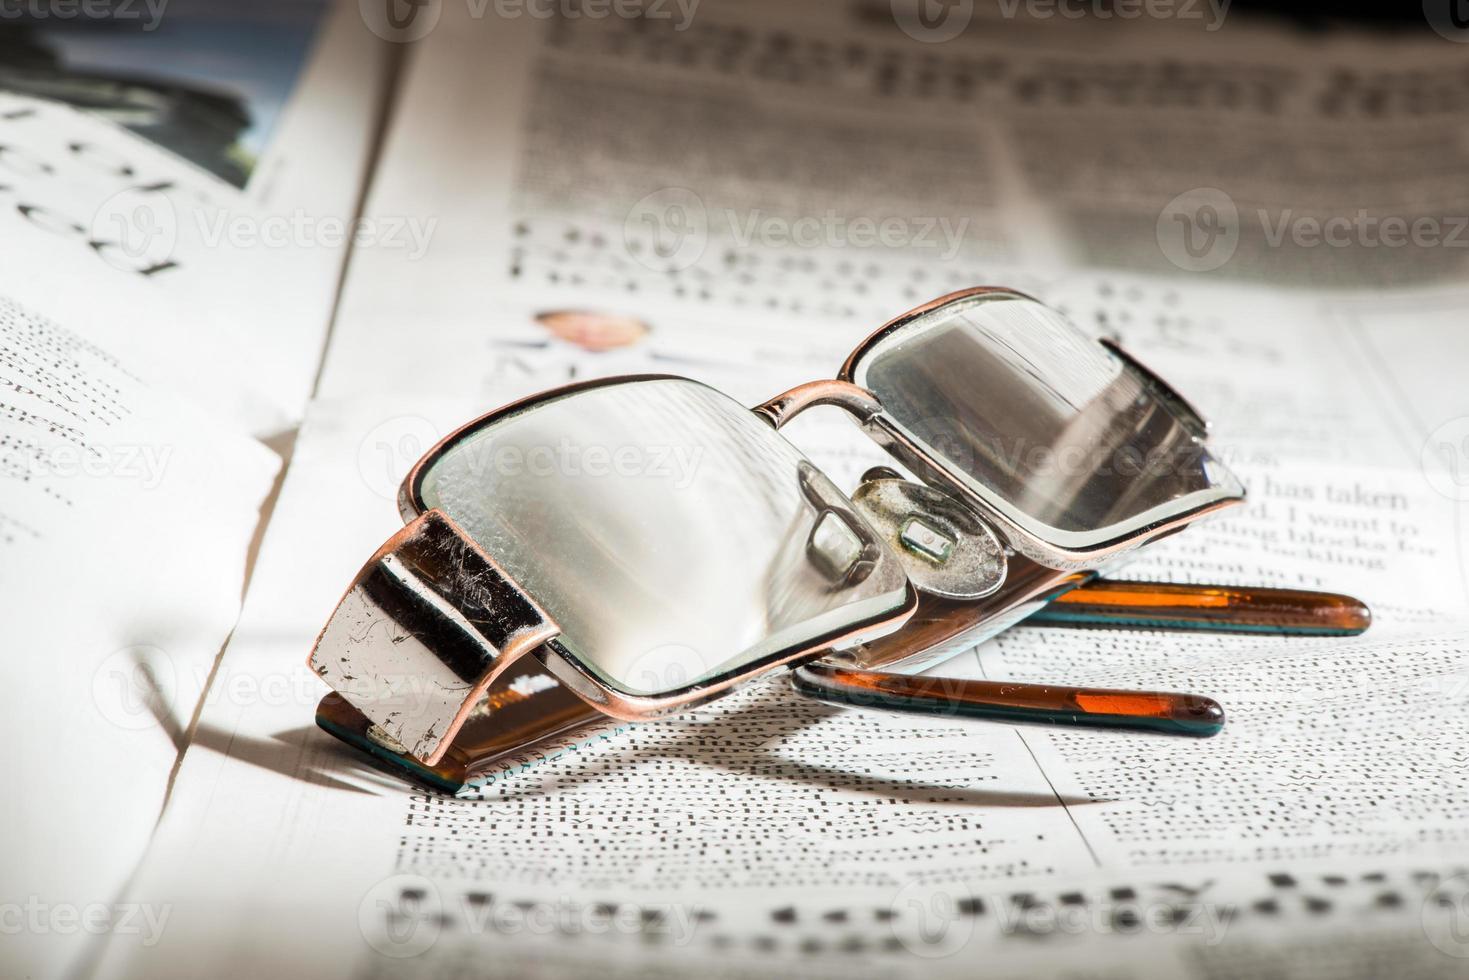 verres sur le journal photo